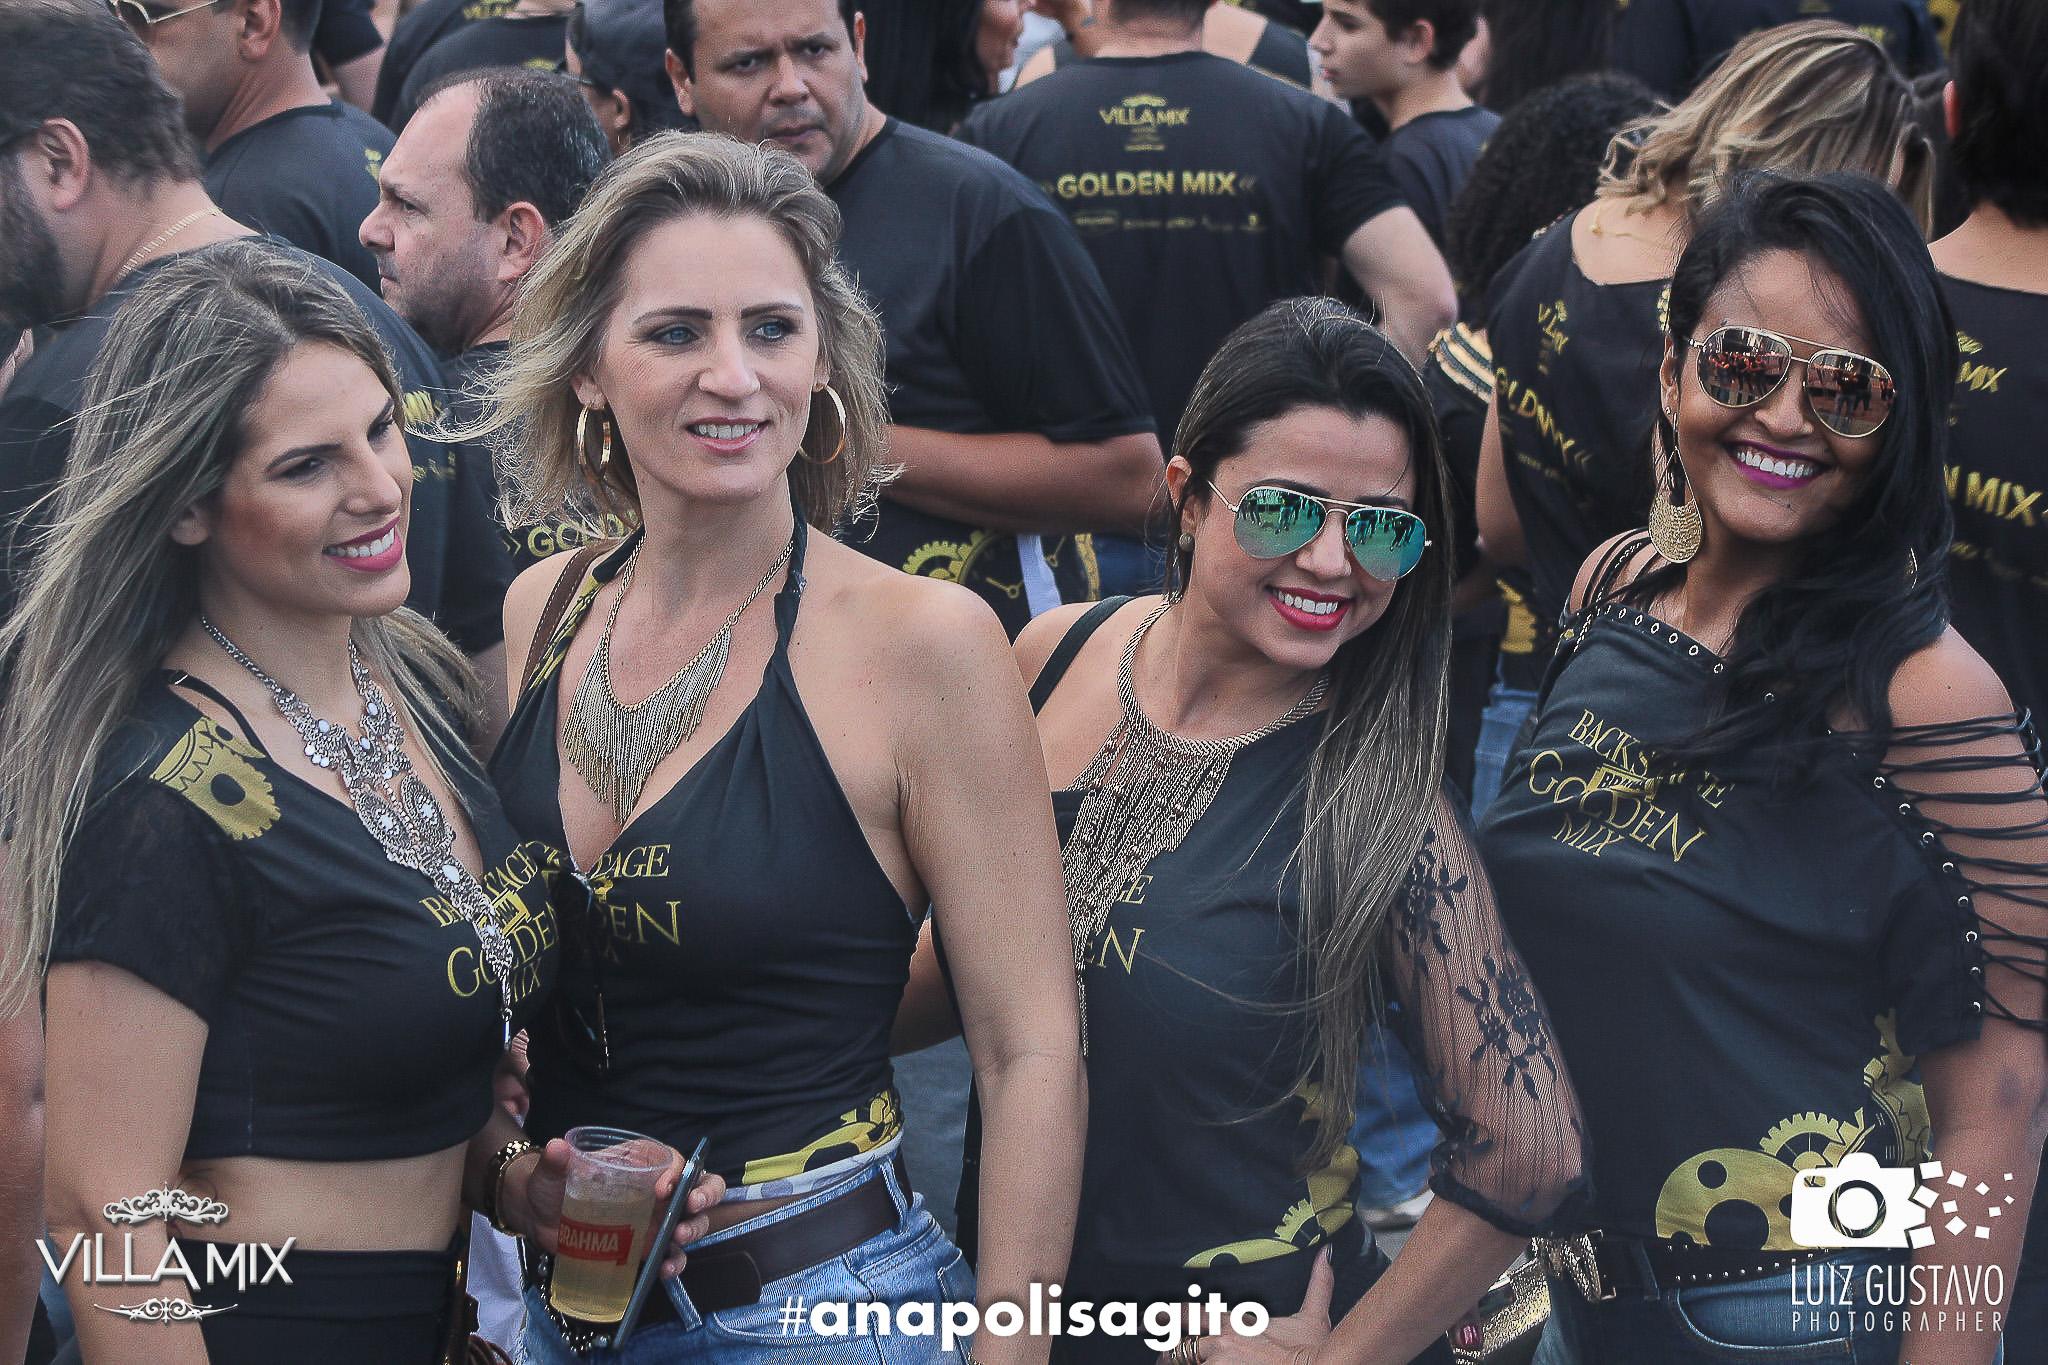 Luiz Gustavo Photographer (101 de 327)